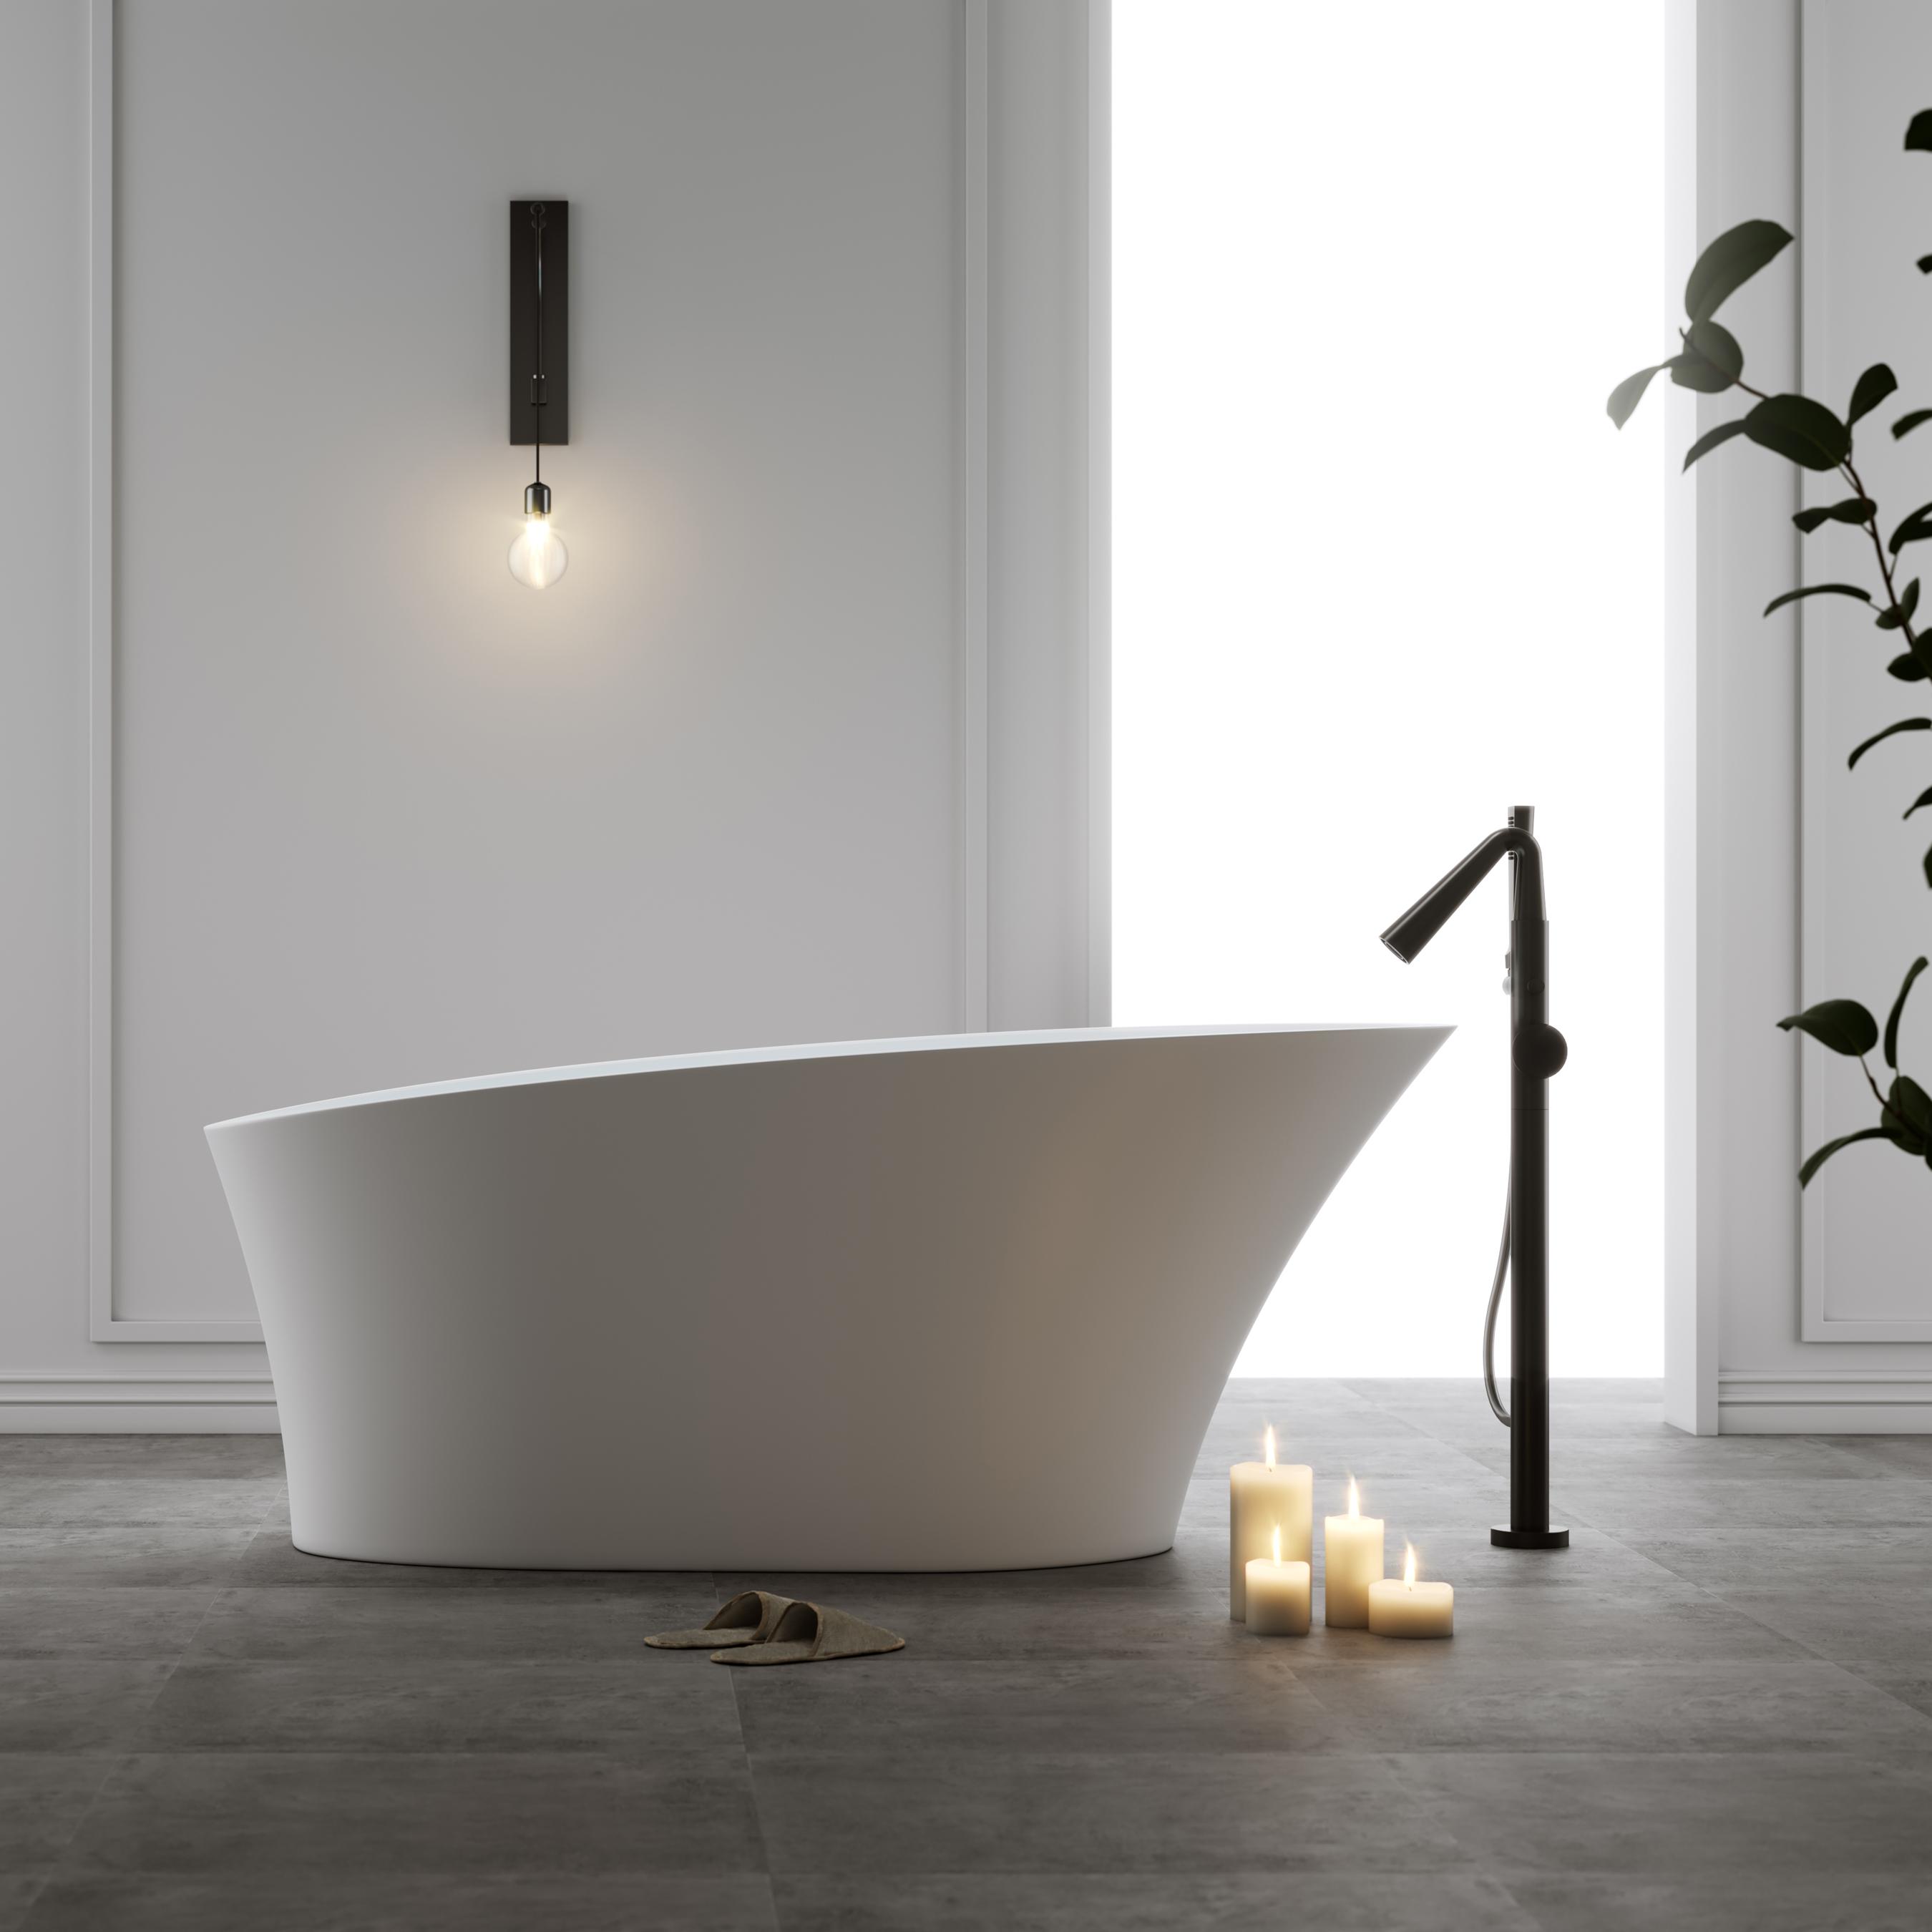 Badkar Bathlife Populär Fristående Matt Vit